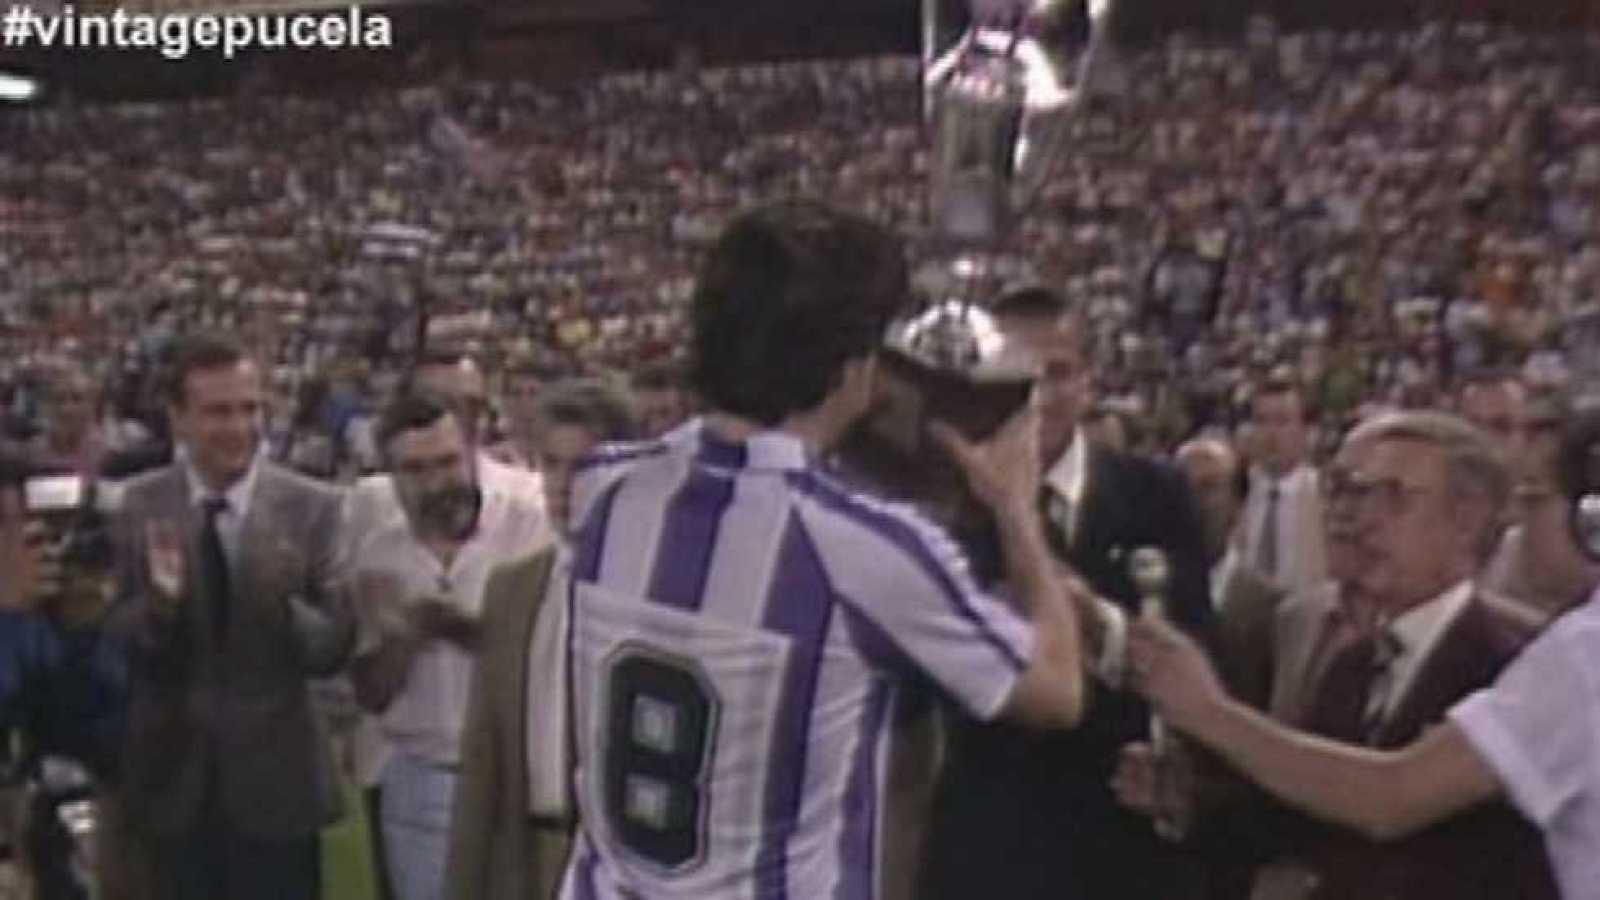 Conexión vintage - Fútbol: Real Valladolid - ver ahora